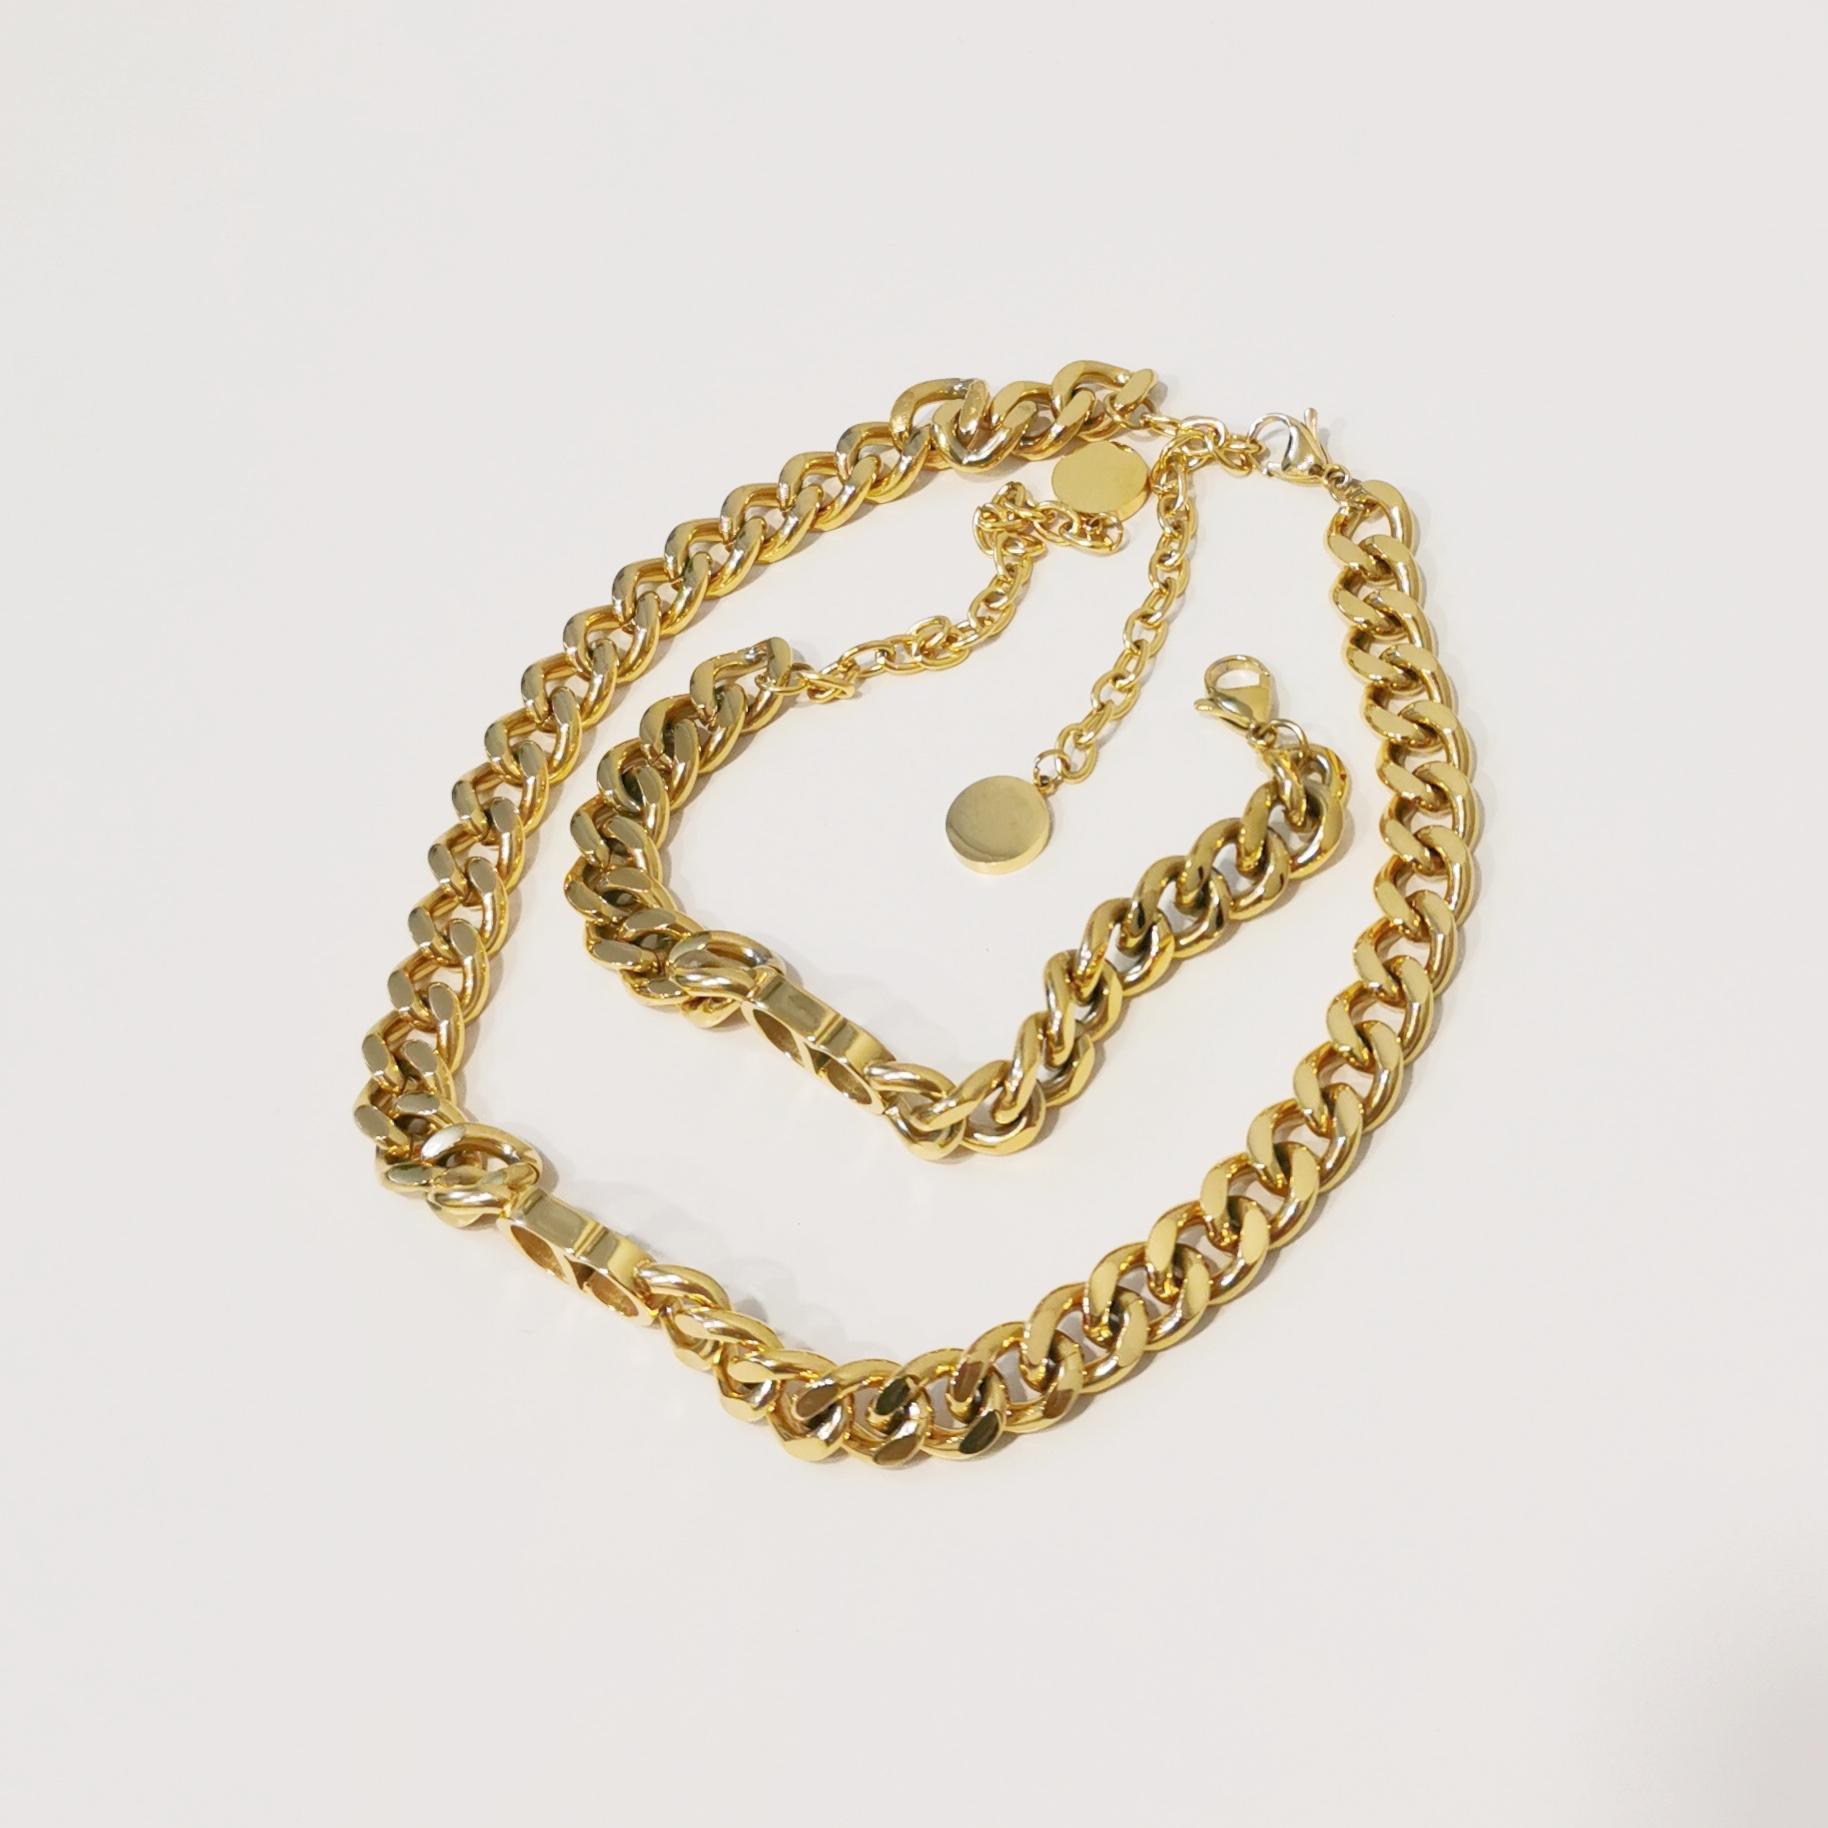 Novo designer de luxo jóias mulheres colares ouro grosso cadeia colar com d pingente de aço inoxidável bracelete colar conjunto de moda